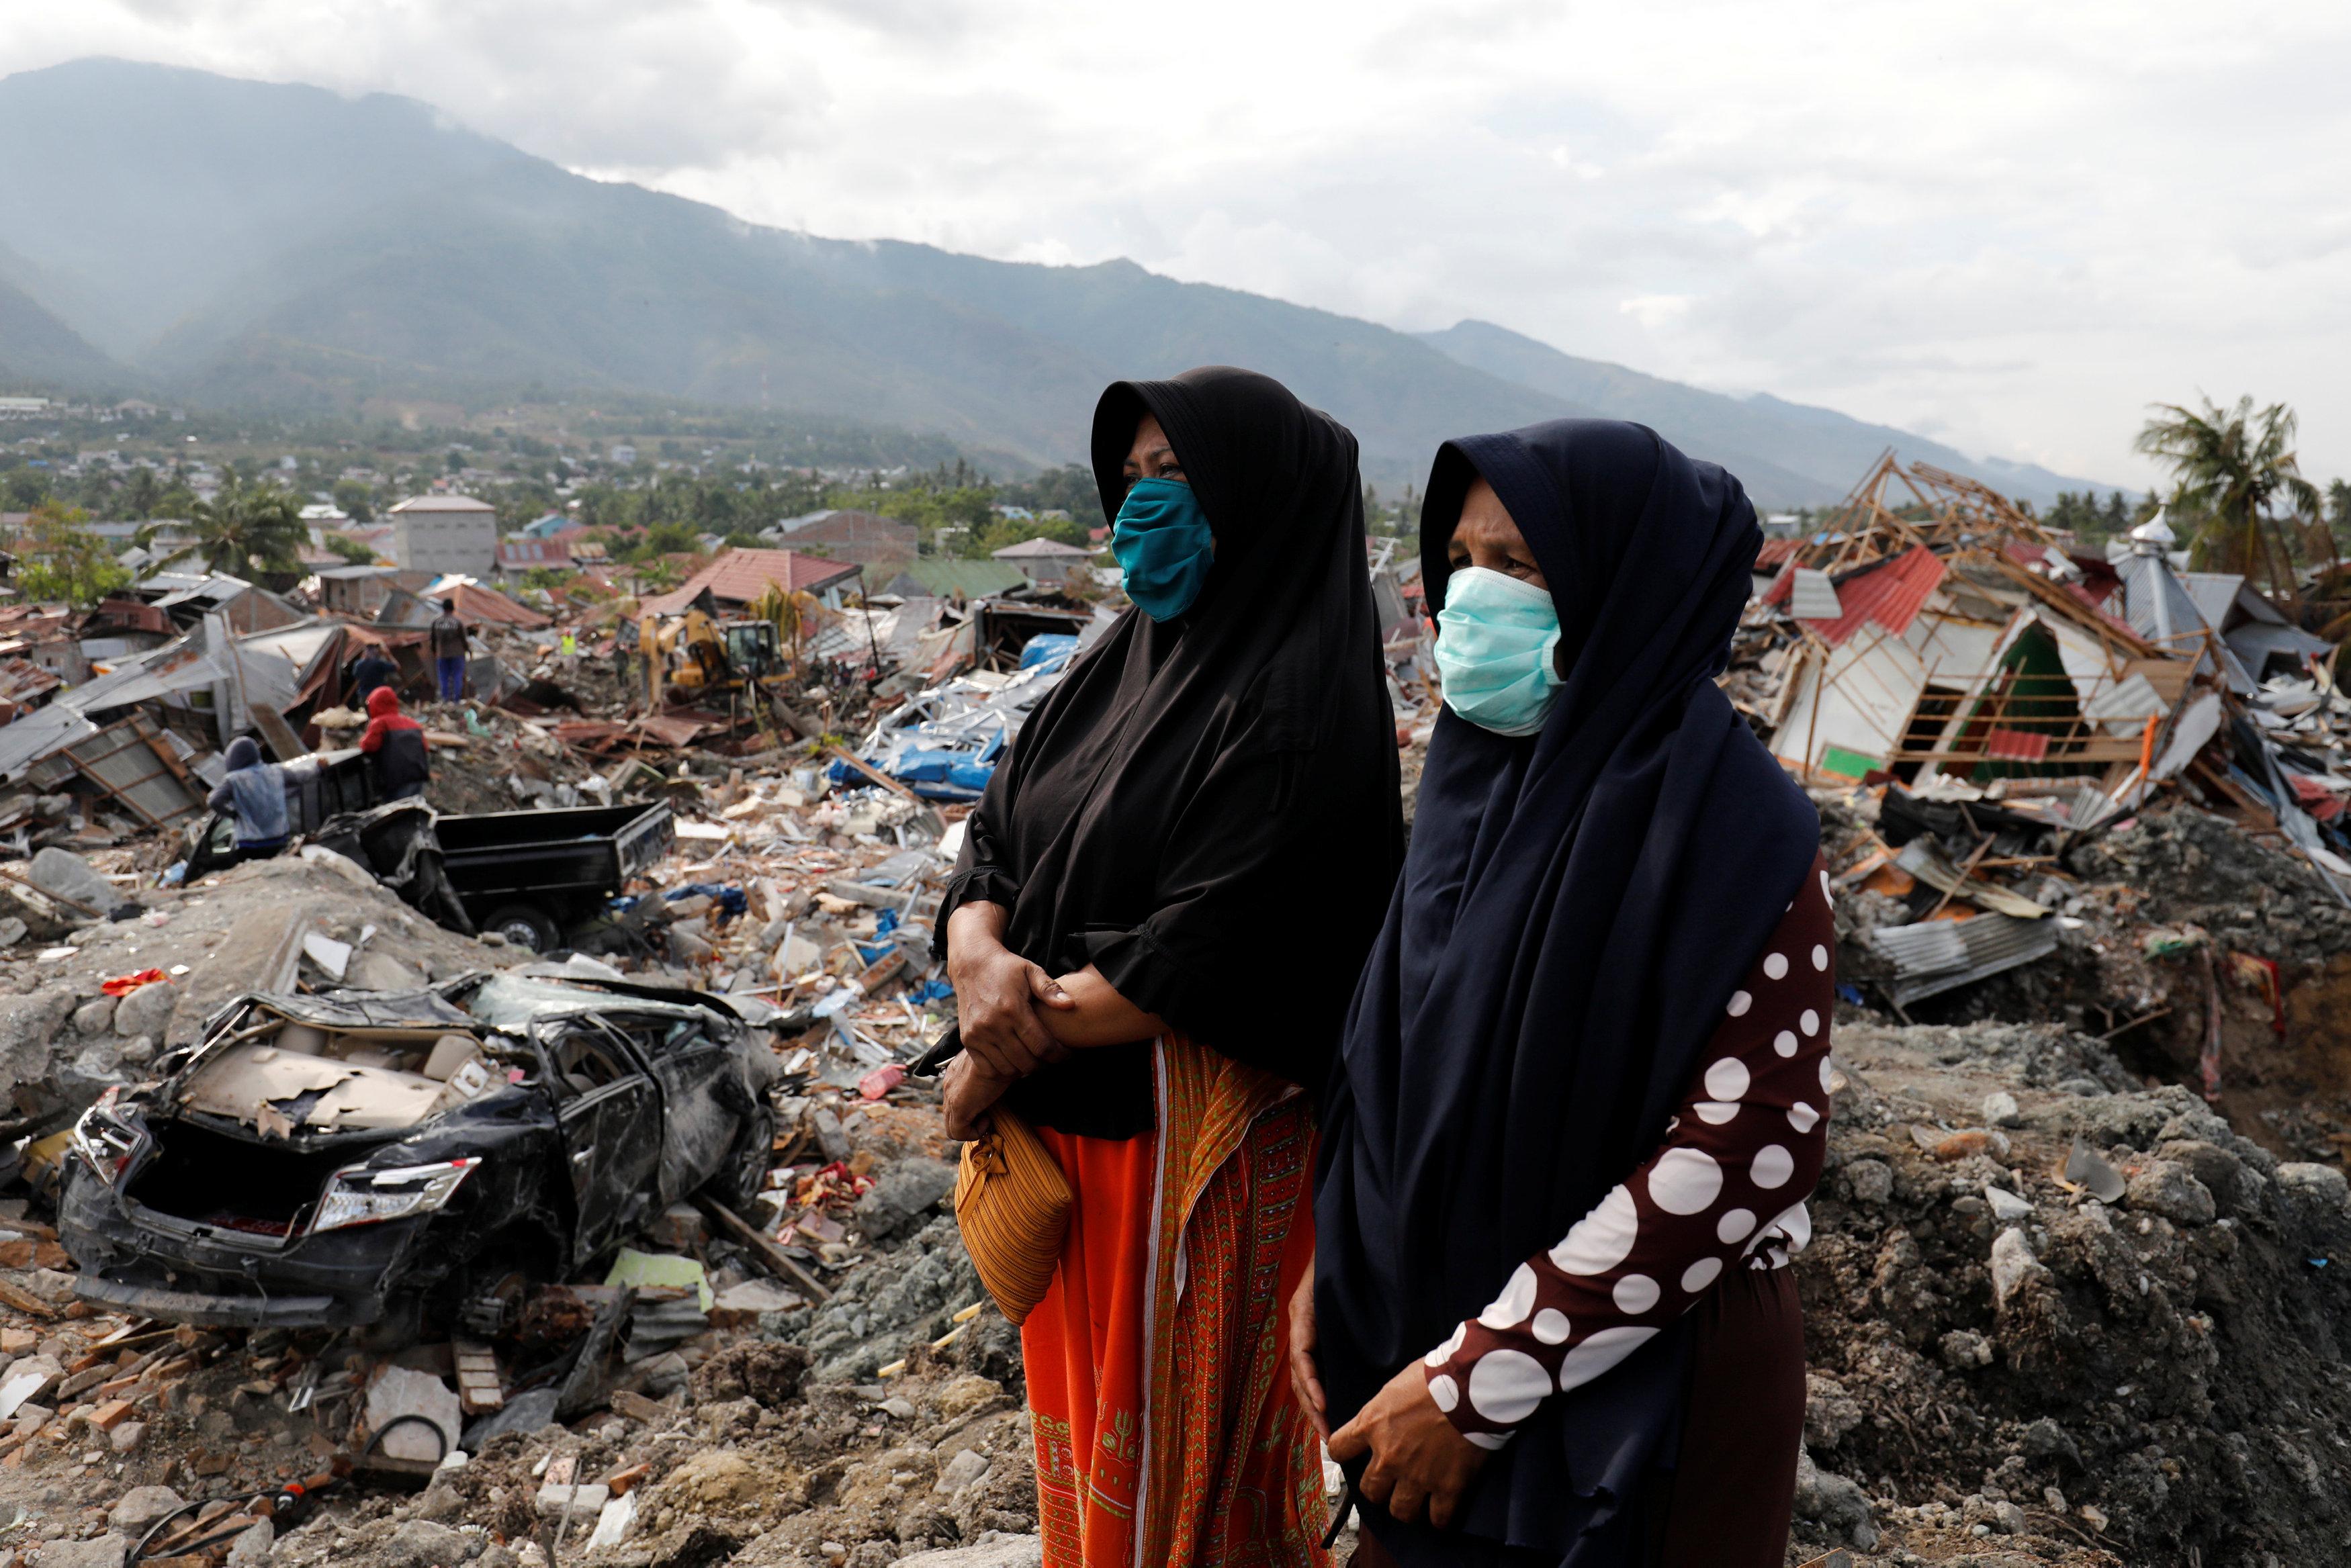 سيدات إندونيسيا بمناطق الزلزال وتسونامى